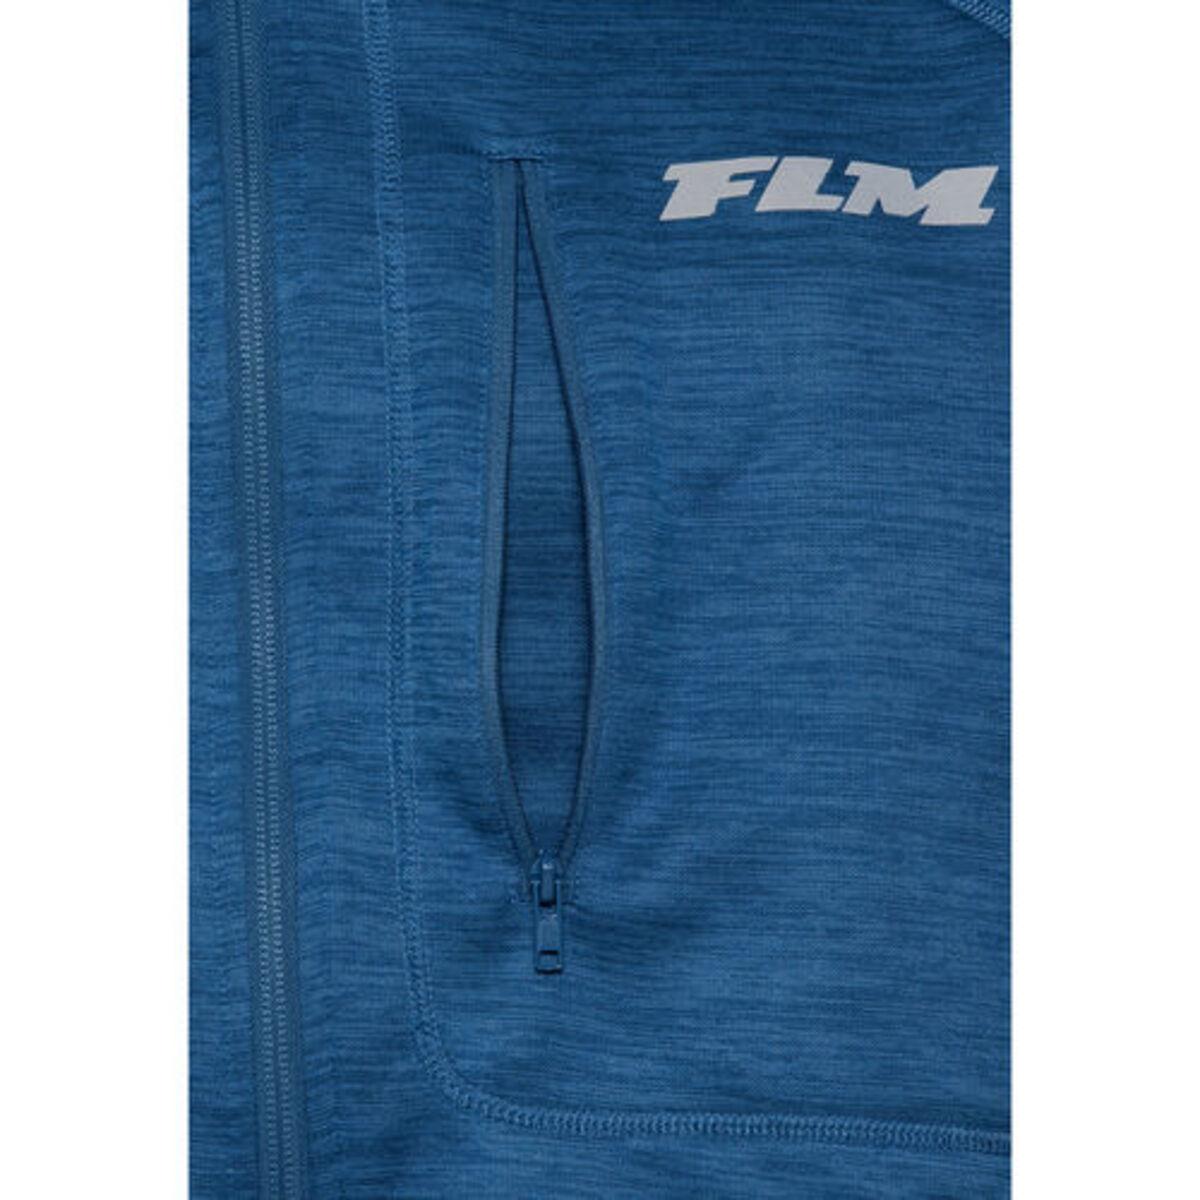 Bild 3 von FLM            Fleece Jacke 3.0 blau